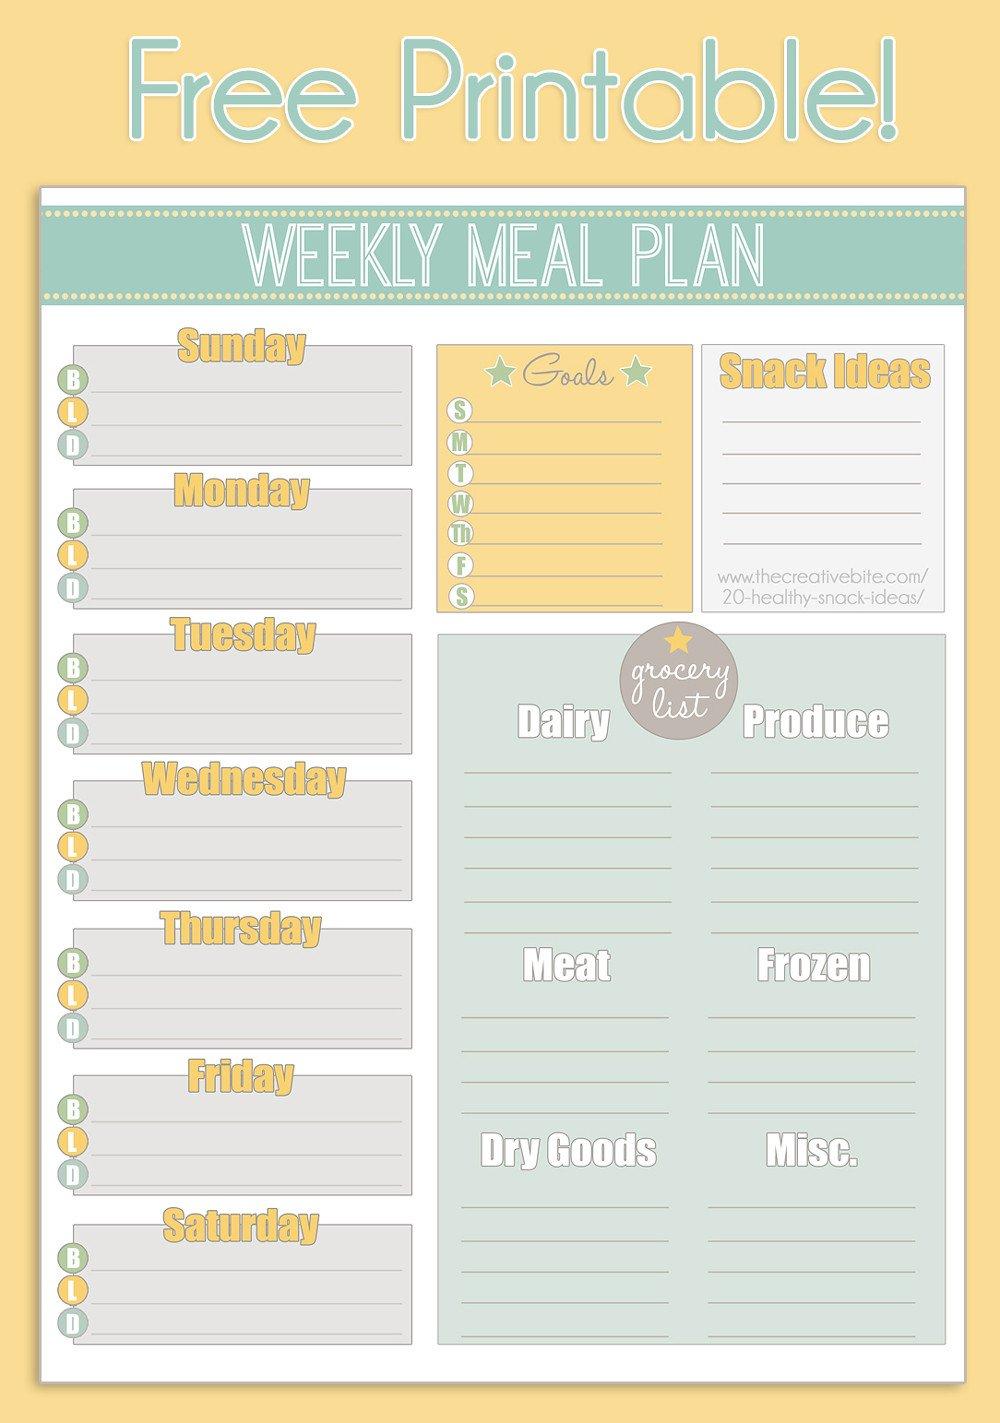 Free Weekly Meal Planner Template Free Printable Weekly Meal Planner Calendar